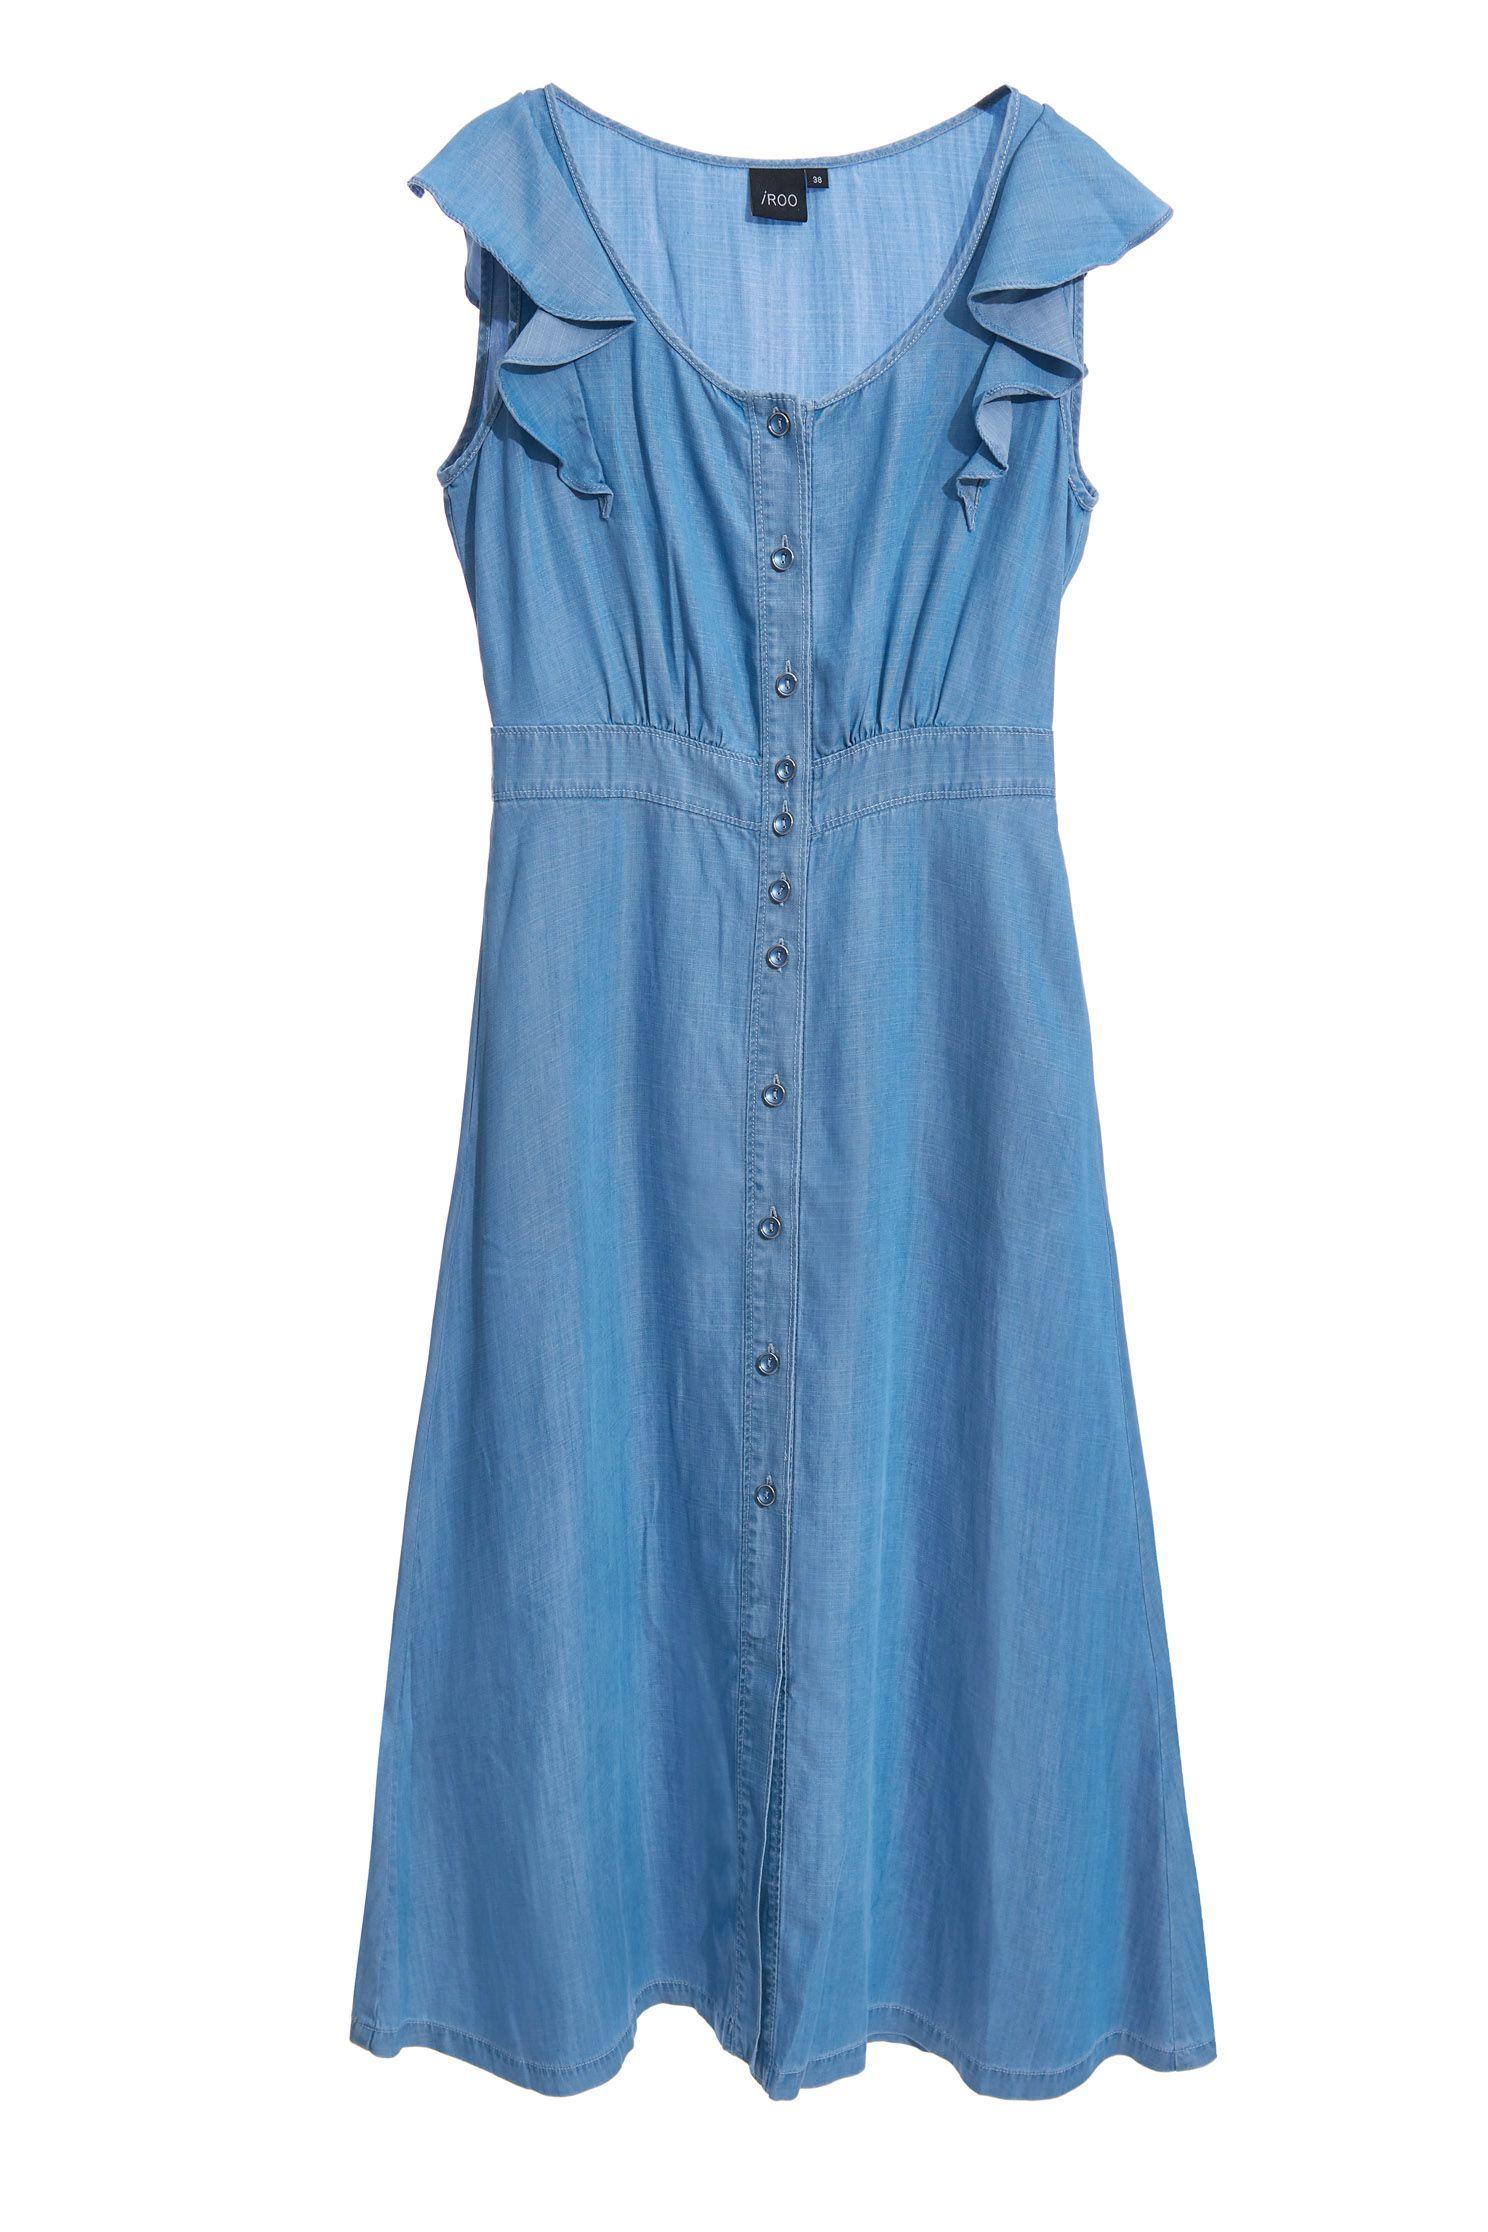 Tencel cotton faux denim midi dress